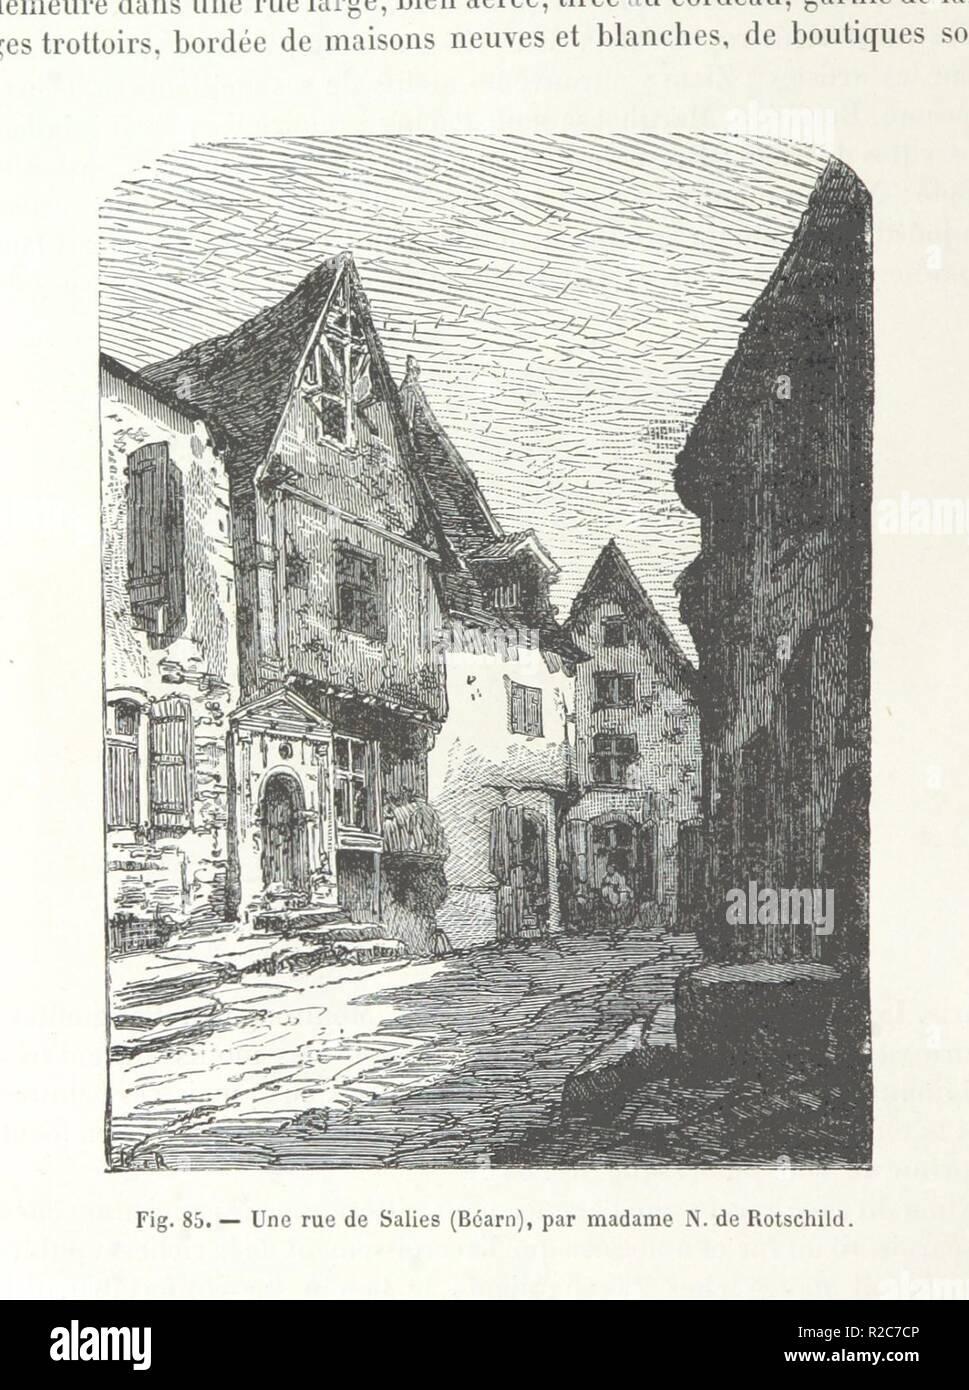 page 134 of 'Le Monde vu par les artistes. Géographie artistique. . Ouvrage orné d'environ 600 gravures et cartes' . - Stock Image